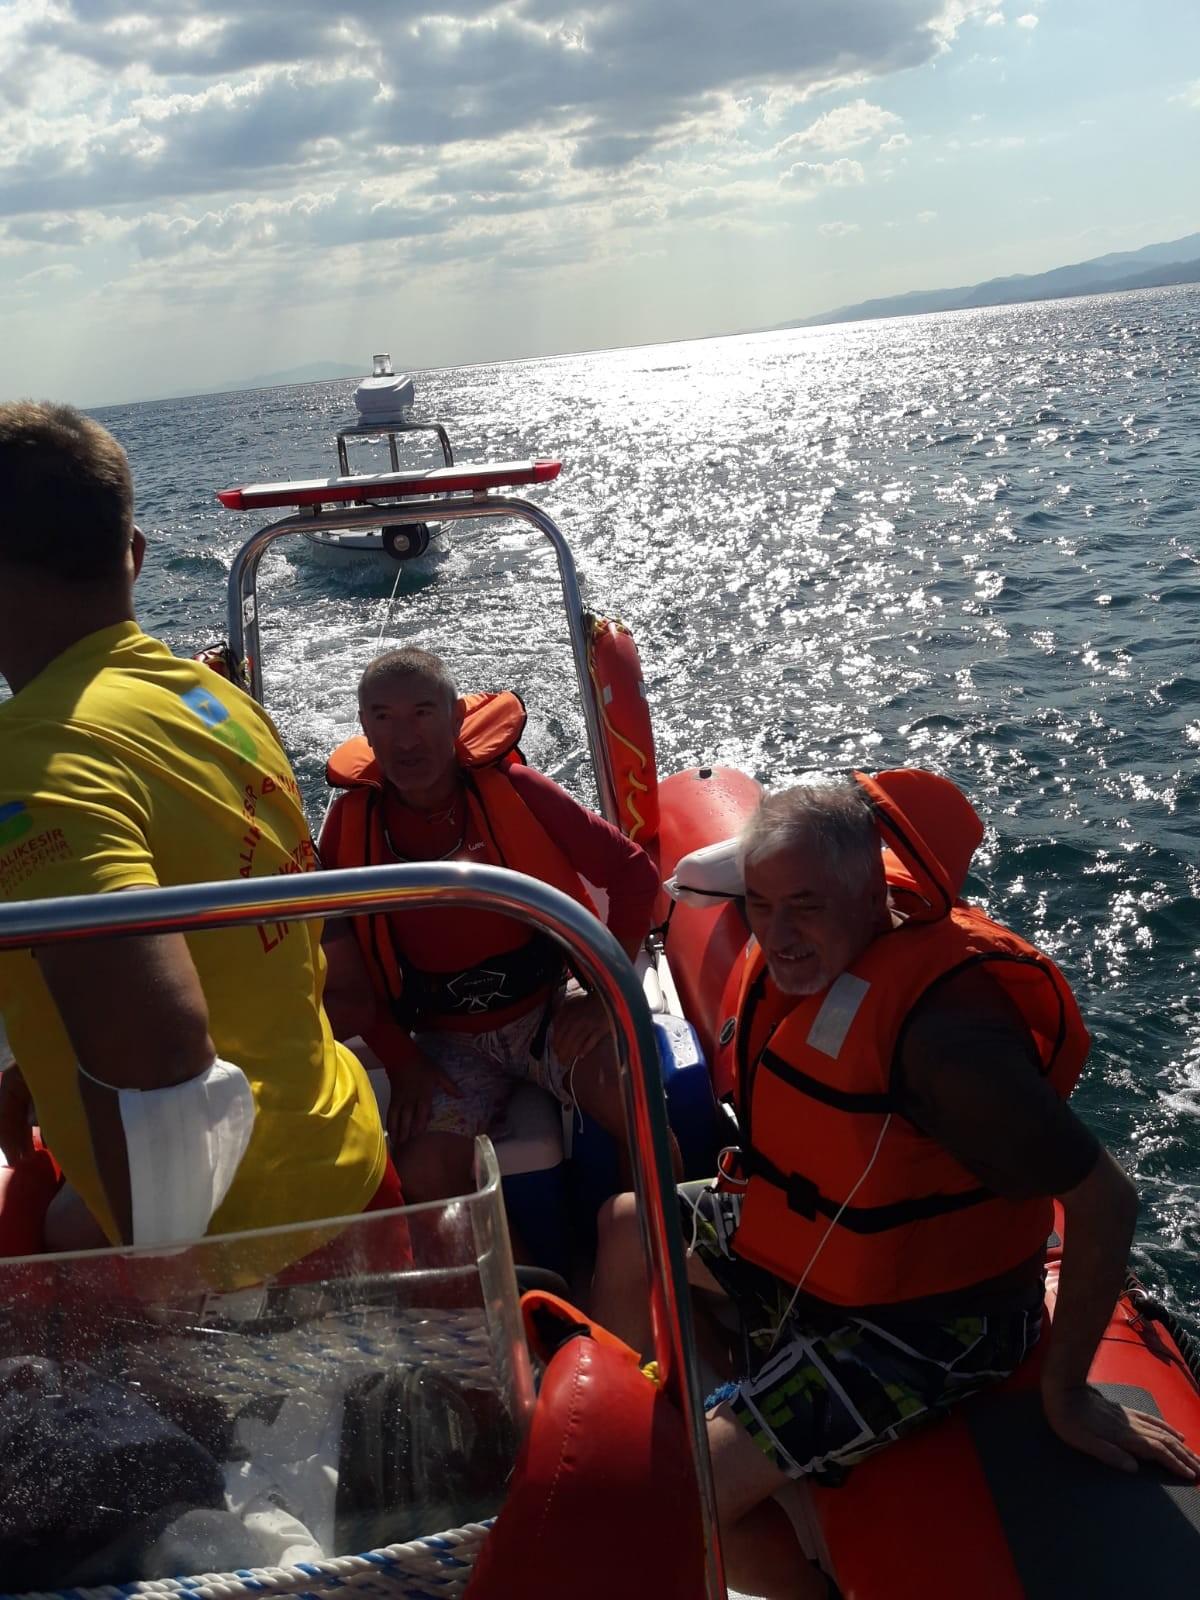 Balıkesir de cankurtaranlar 4 kişiyi kurtardı #1